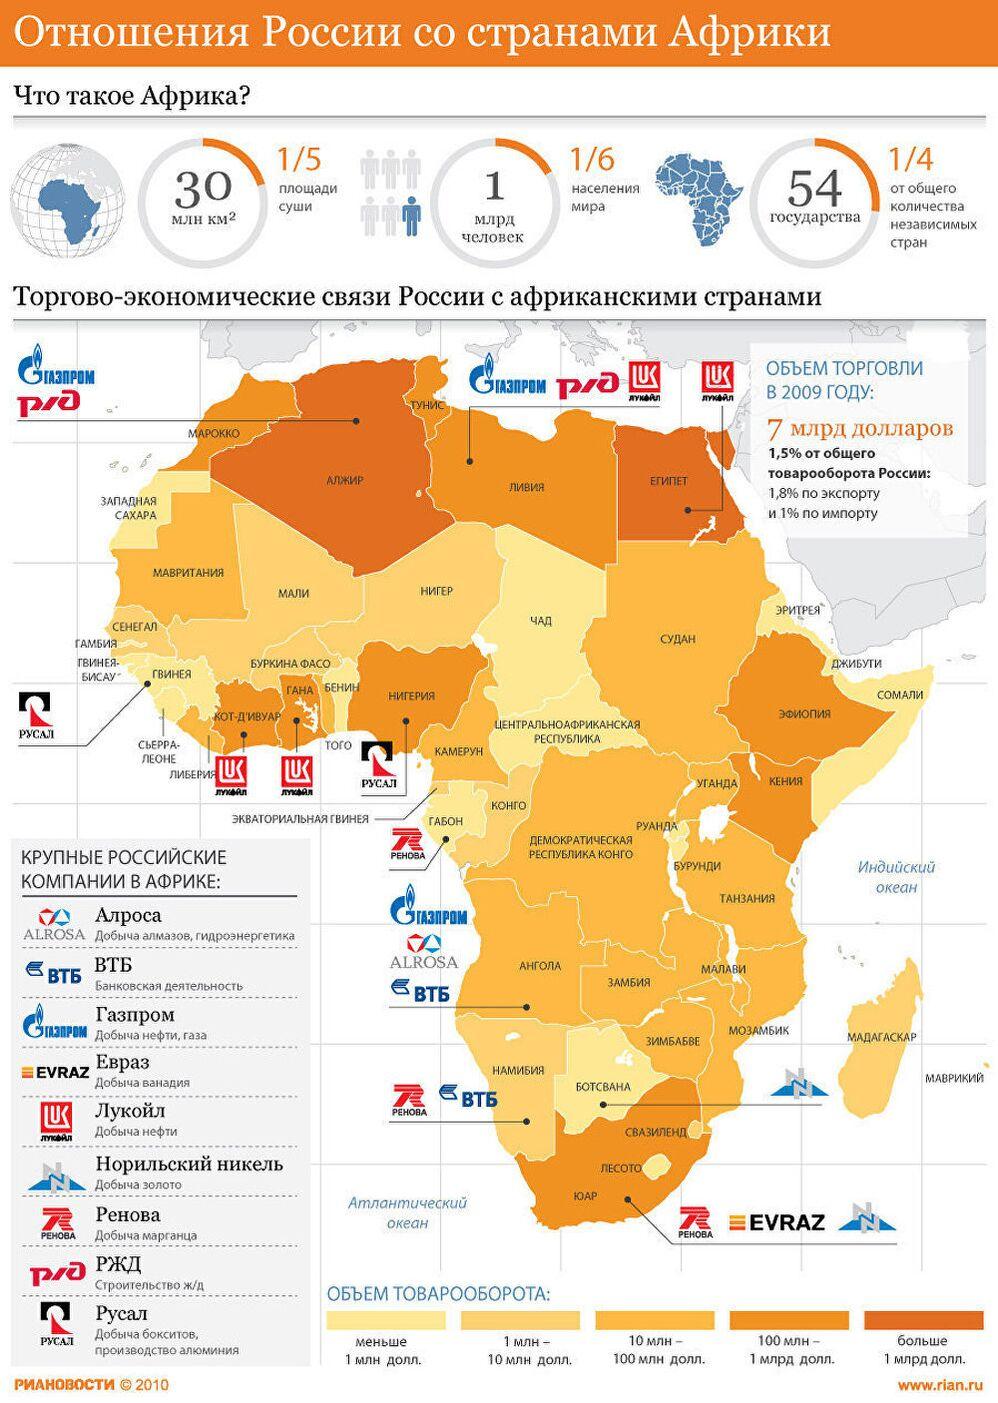 Отношения России со странами Африки